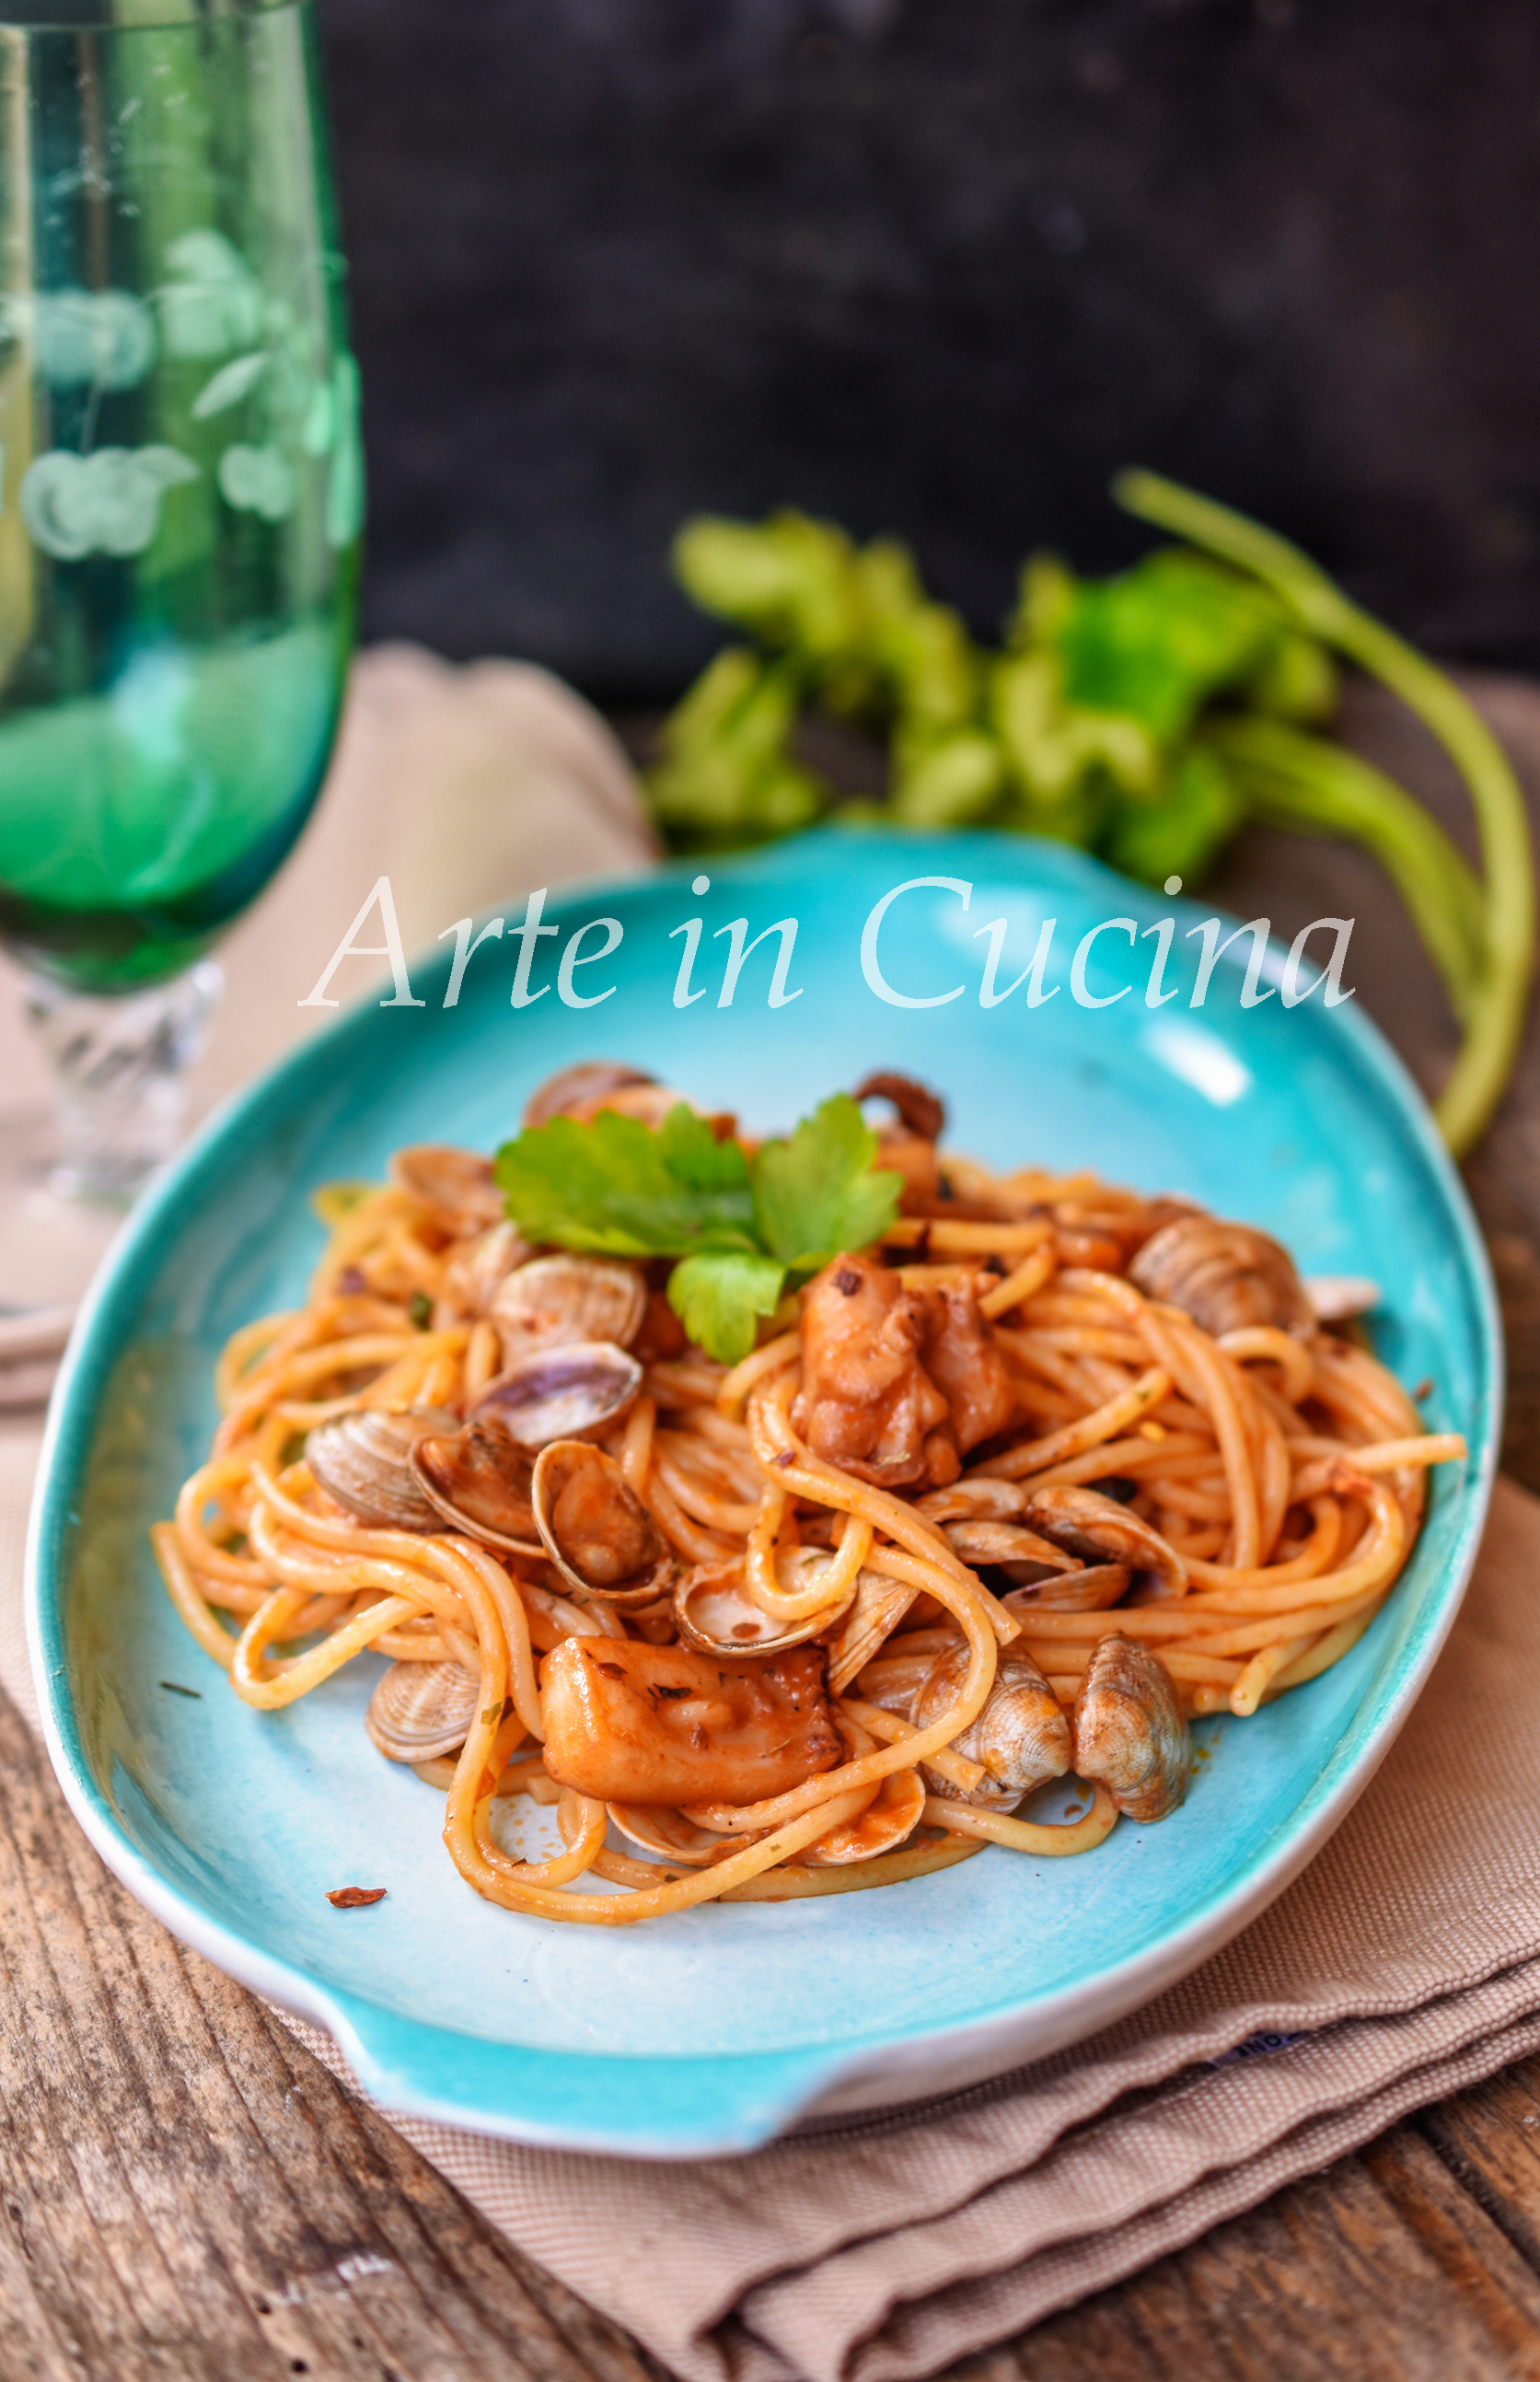 Spaghetti lupini e seppie ricetta di pesce vickyart arte in cucina